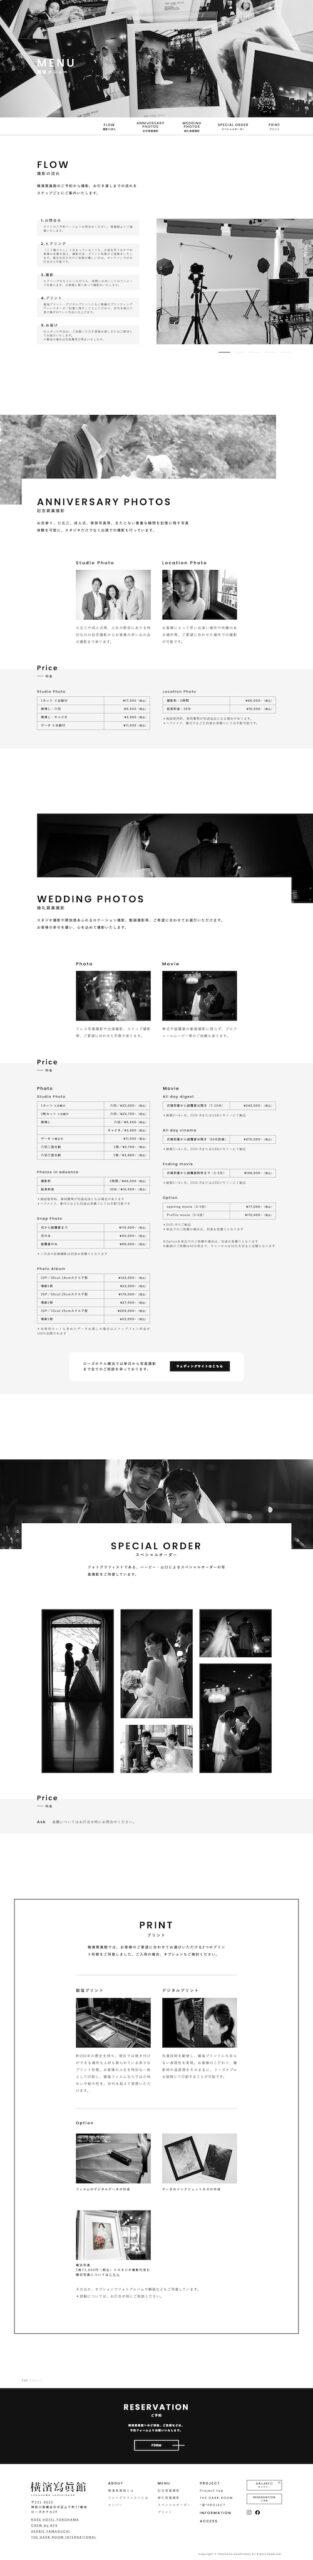 yokohama-shashinkan-menu